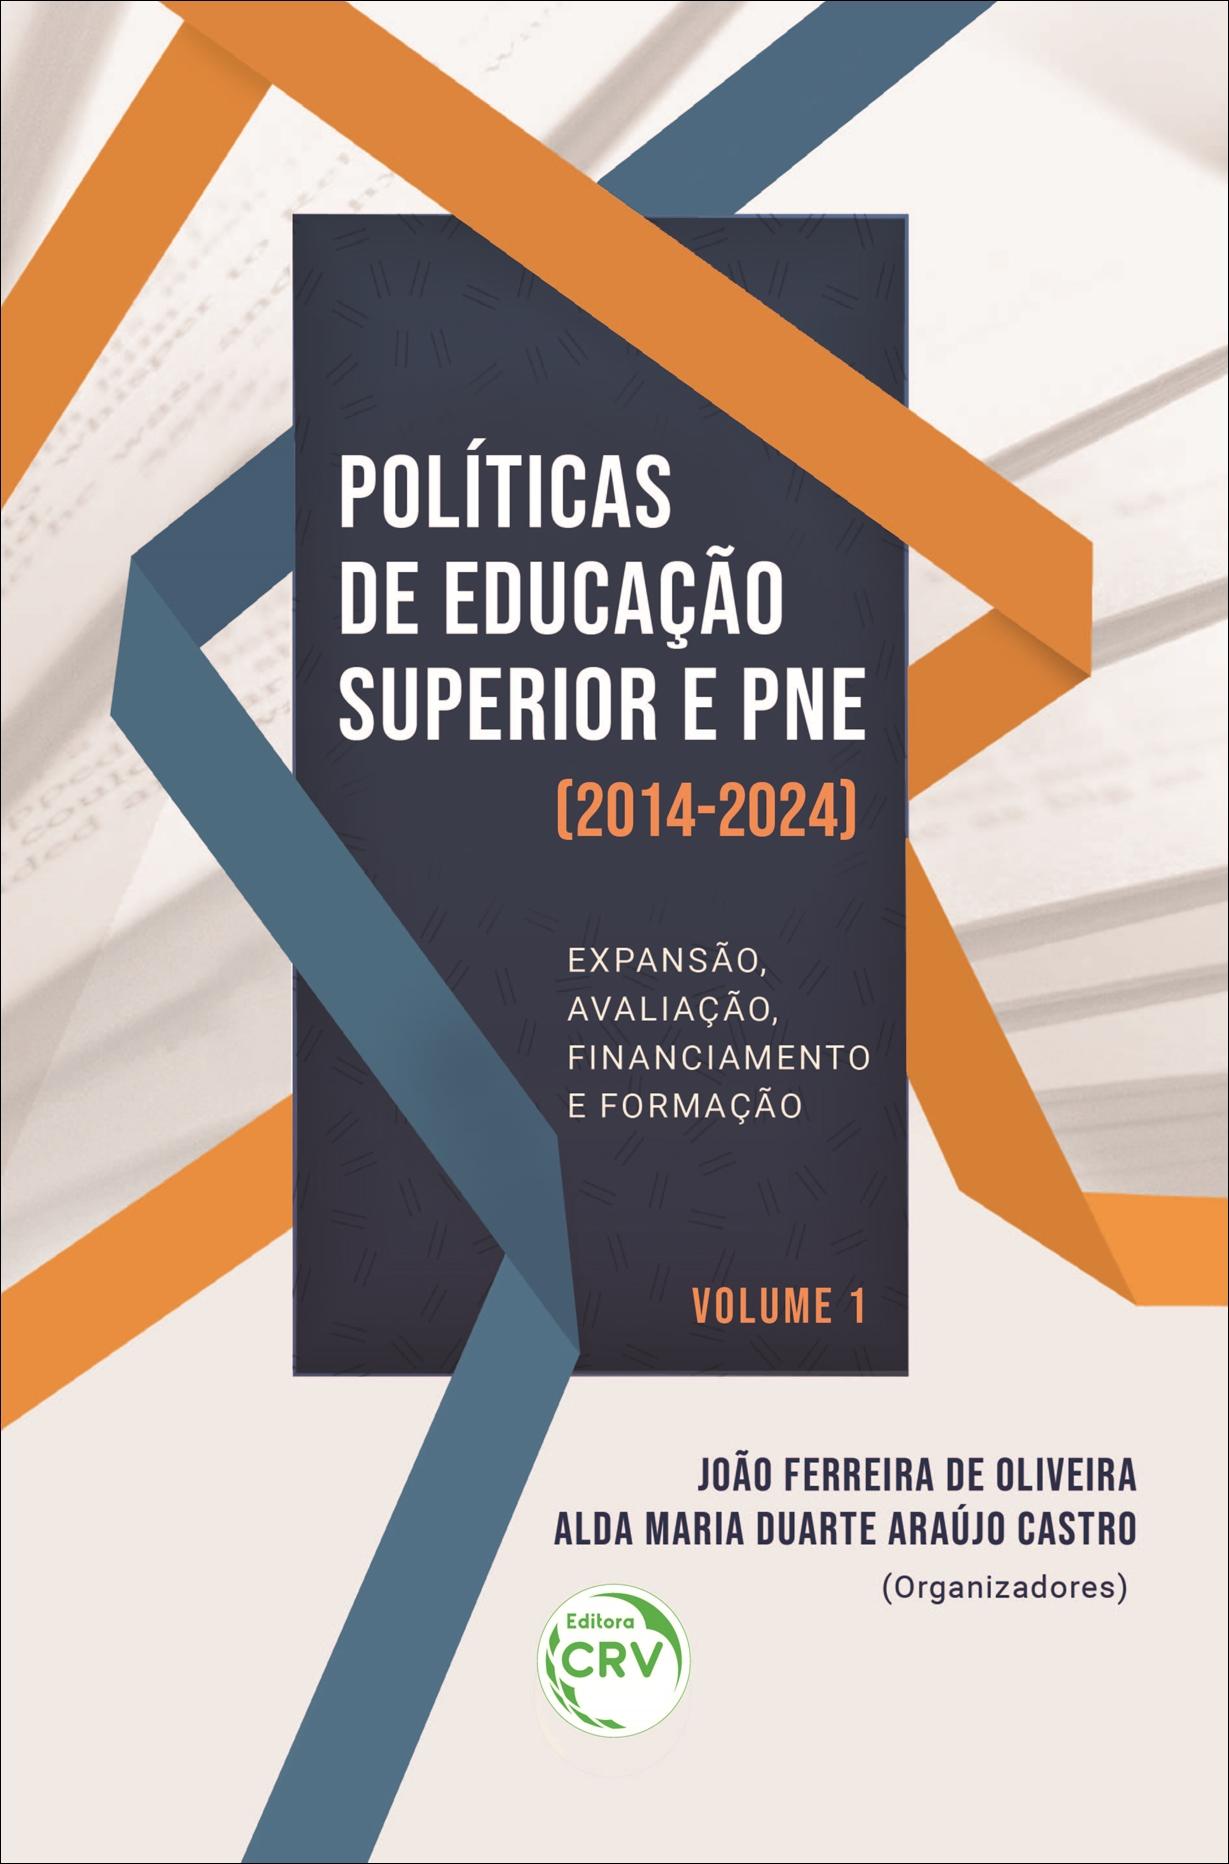 Capa do livro: POLÍTICAS DE EDUCAÇÃO SUPERIOR E PNE (2014-2024):<br> Expansão, avaliação, financiamento e formação <br>VOLUME 1